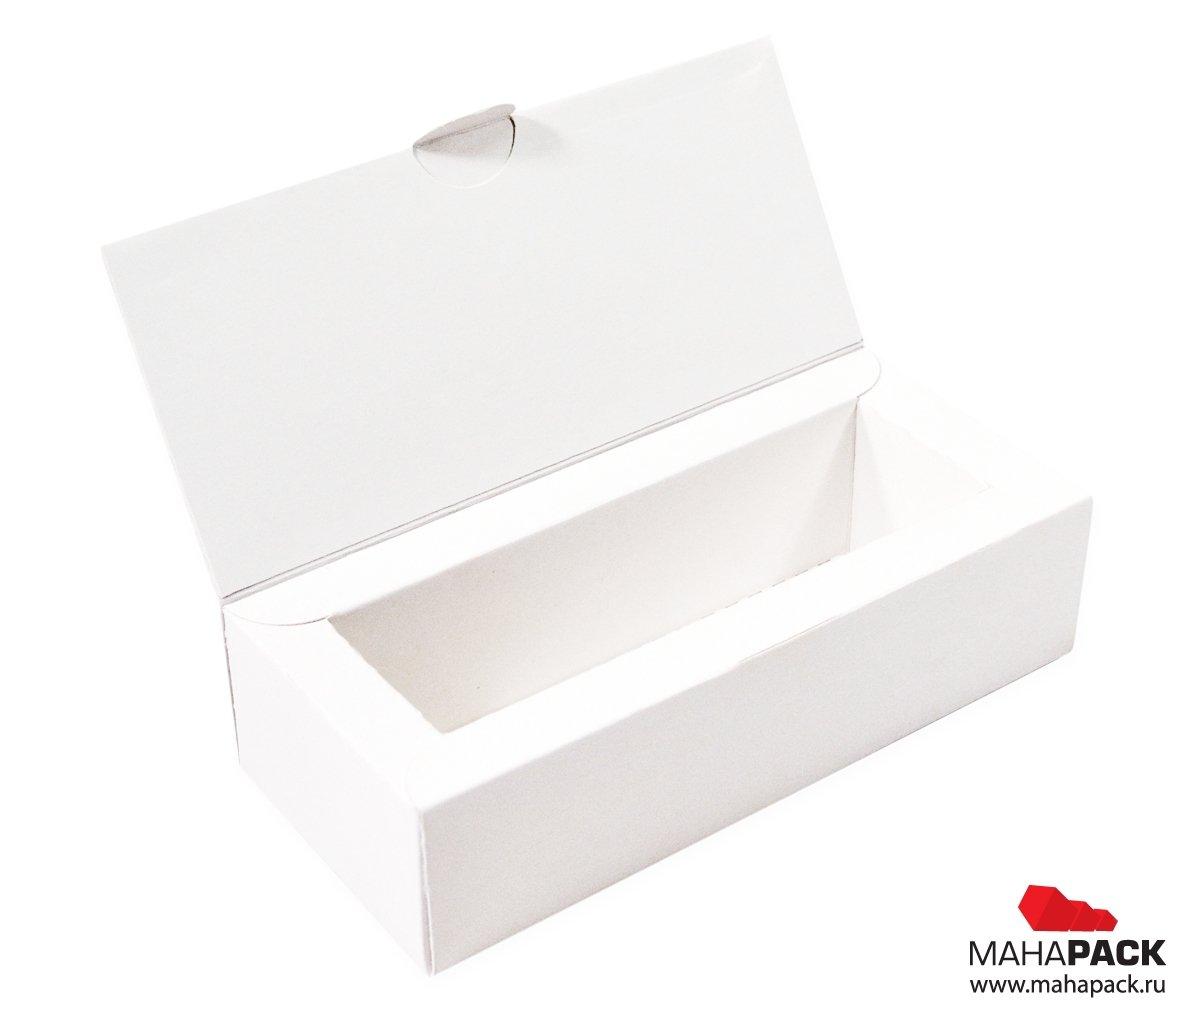 Фирменная коробка с двойными бортами с изящной обечайкой